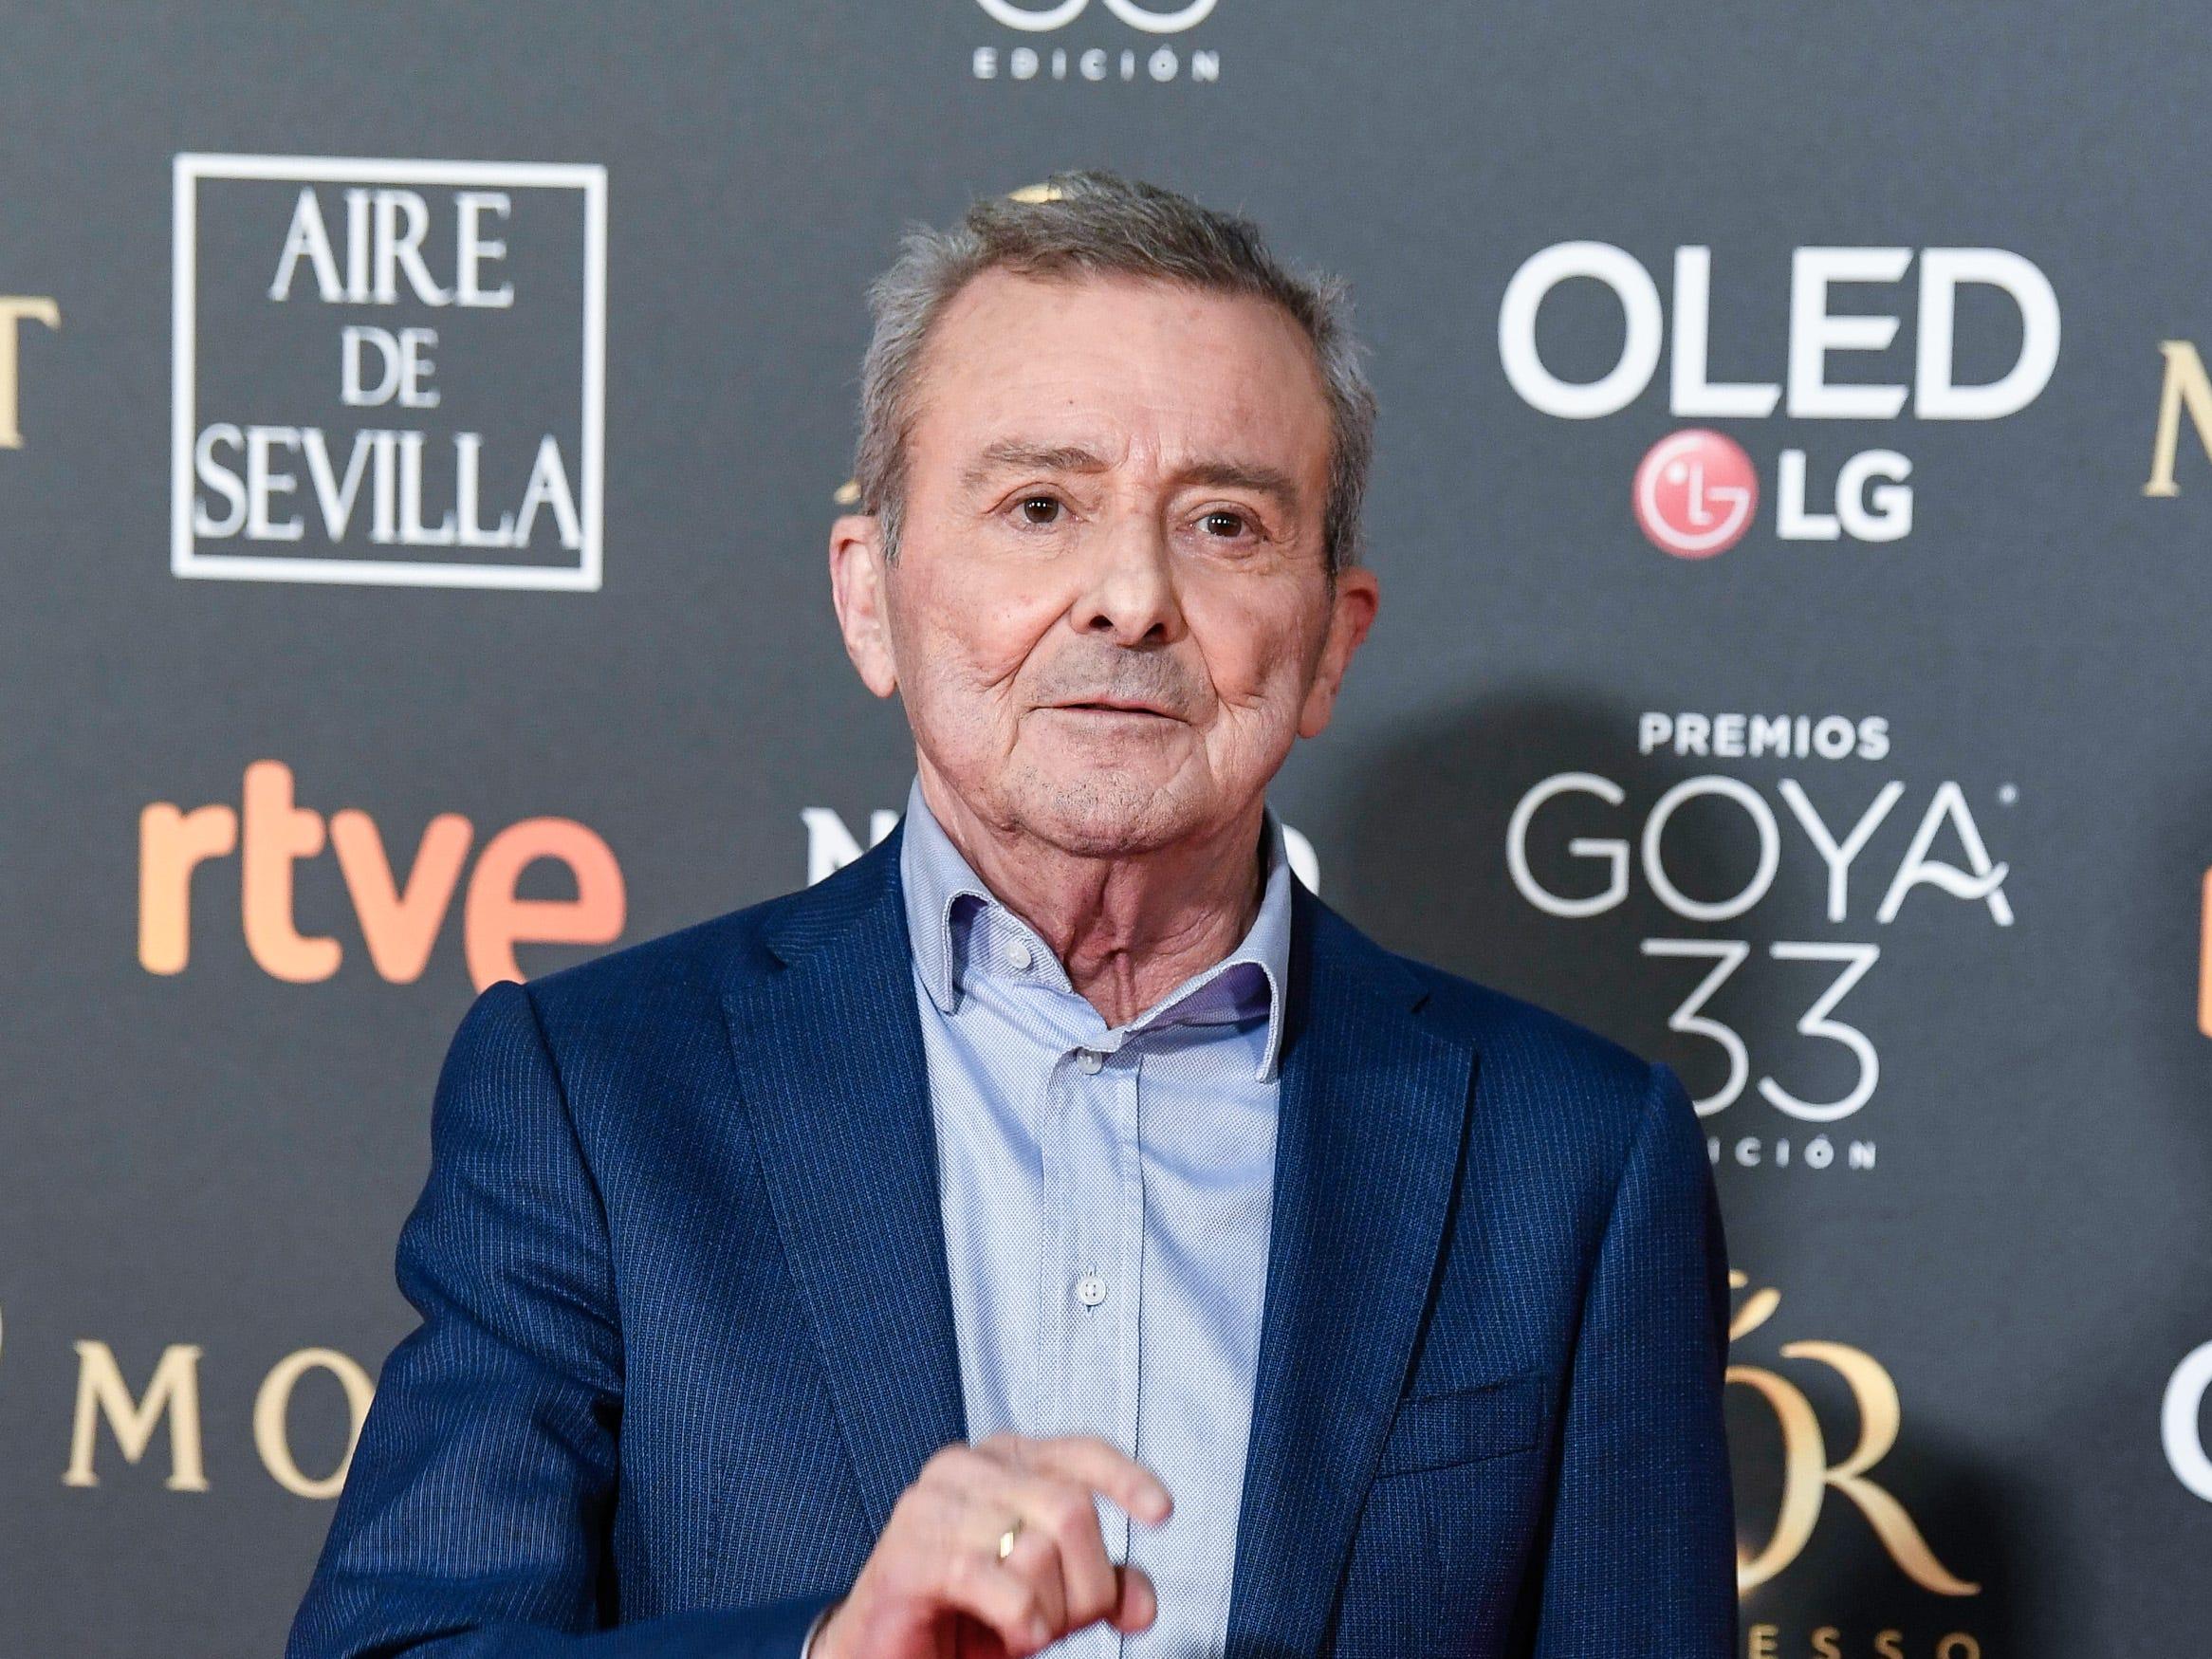 Juan Diego asiste a la 33ª edición de los Premios de Cine Goya en el Palacio de Congresos y Exposiciones FIBES el 2 de febrero de 2019 en Sevilla, España.